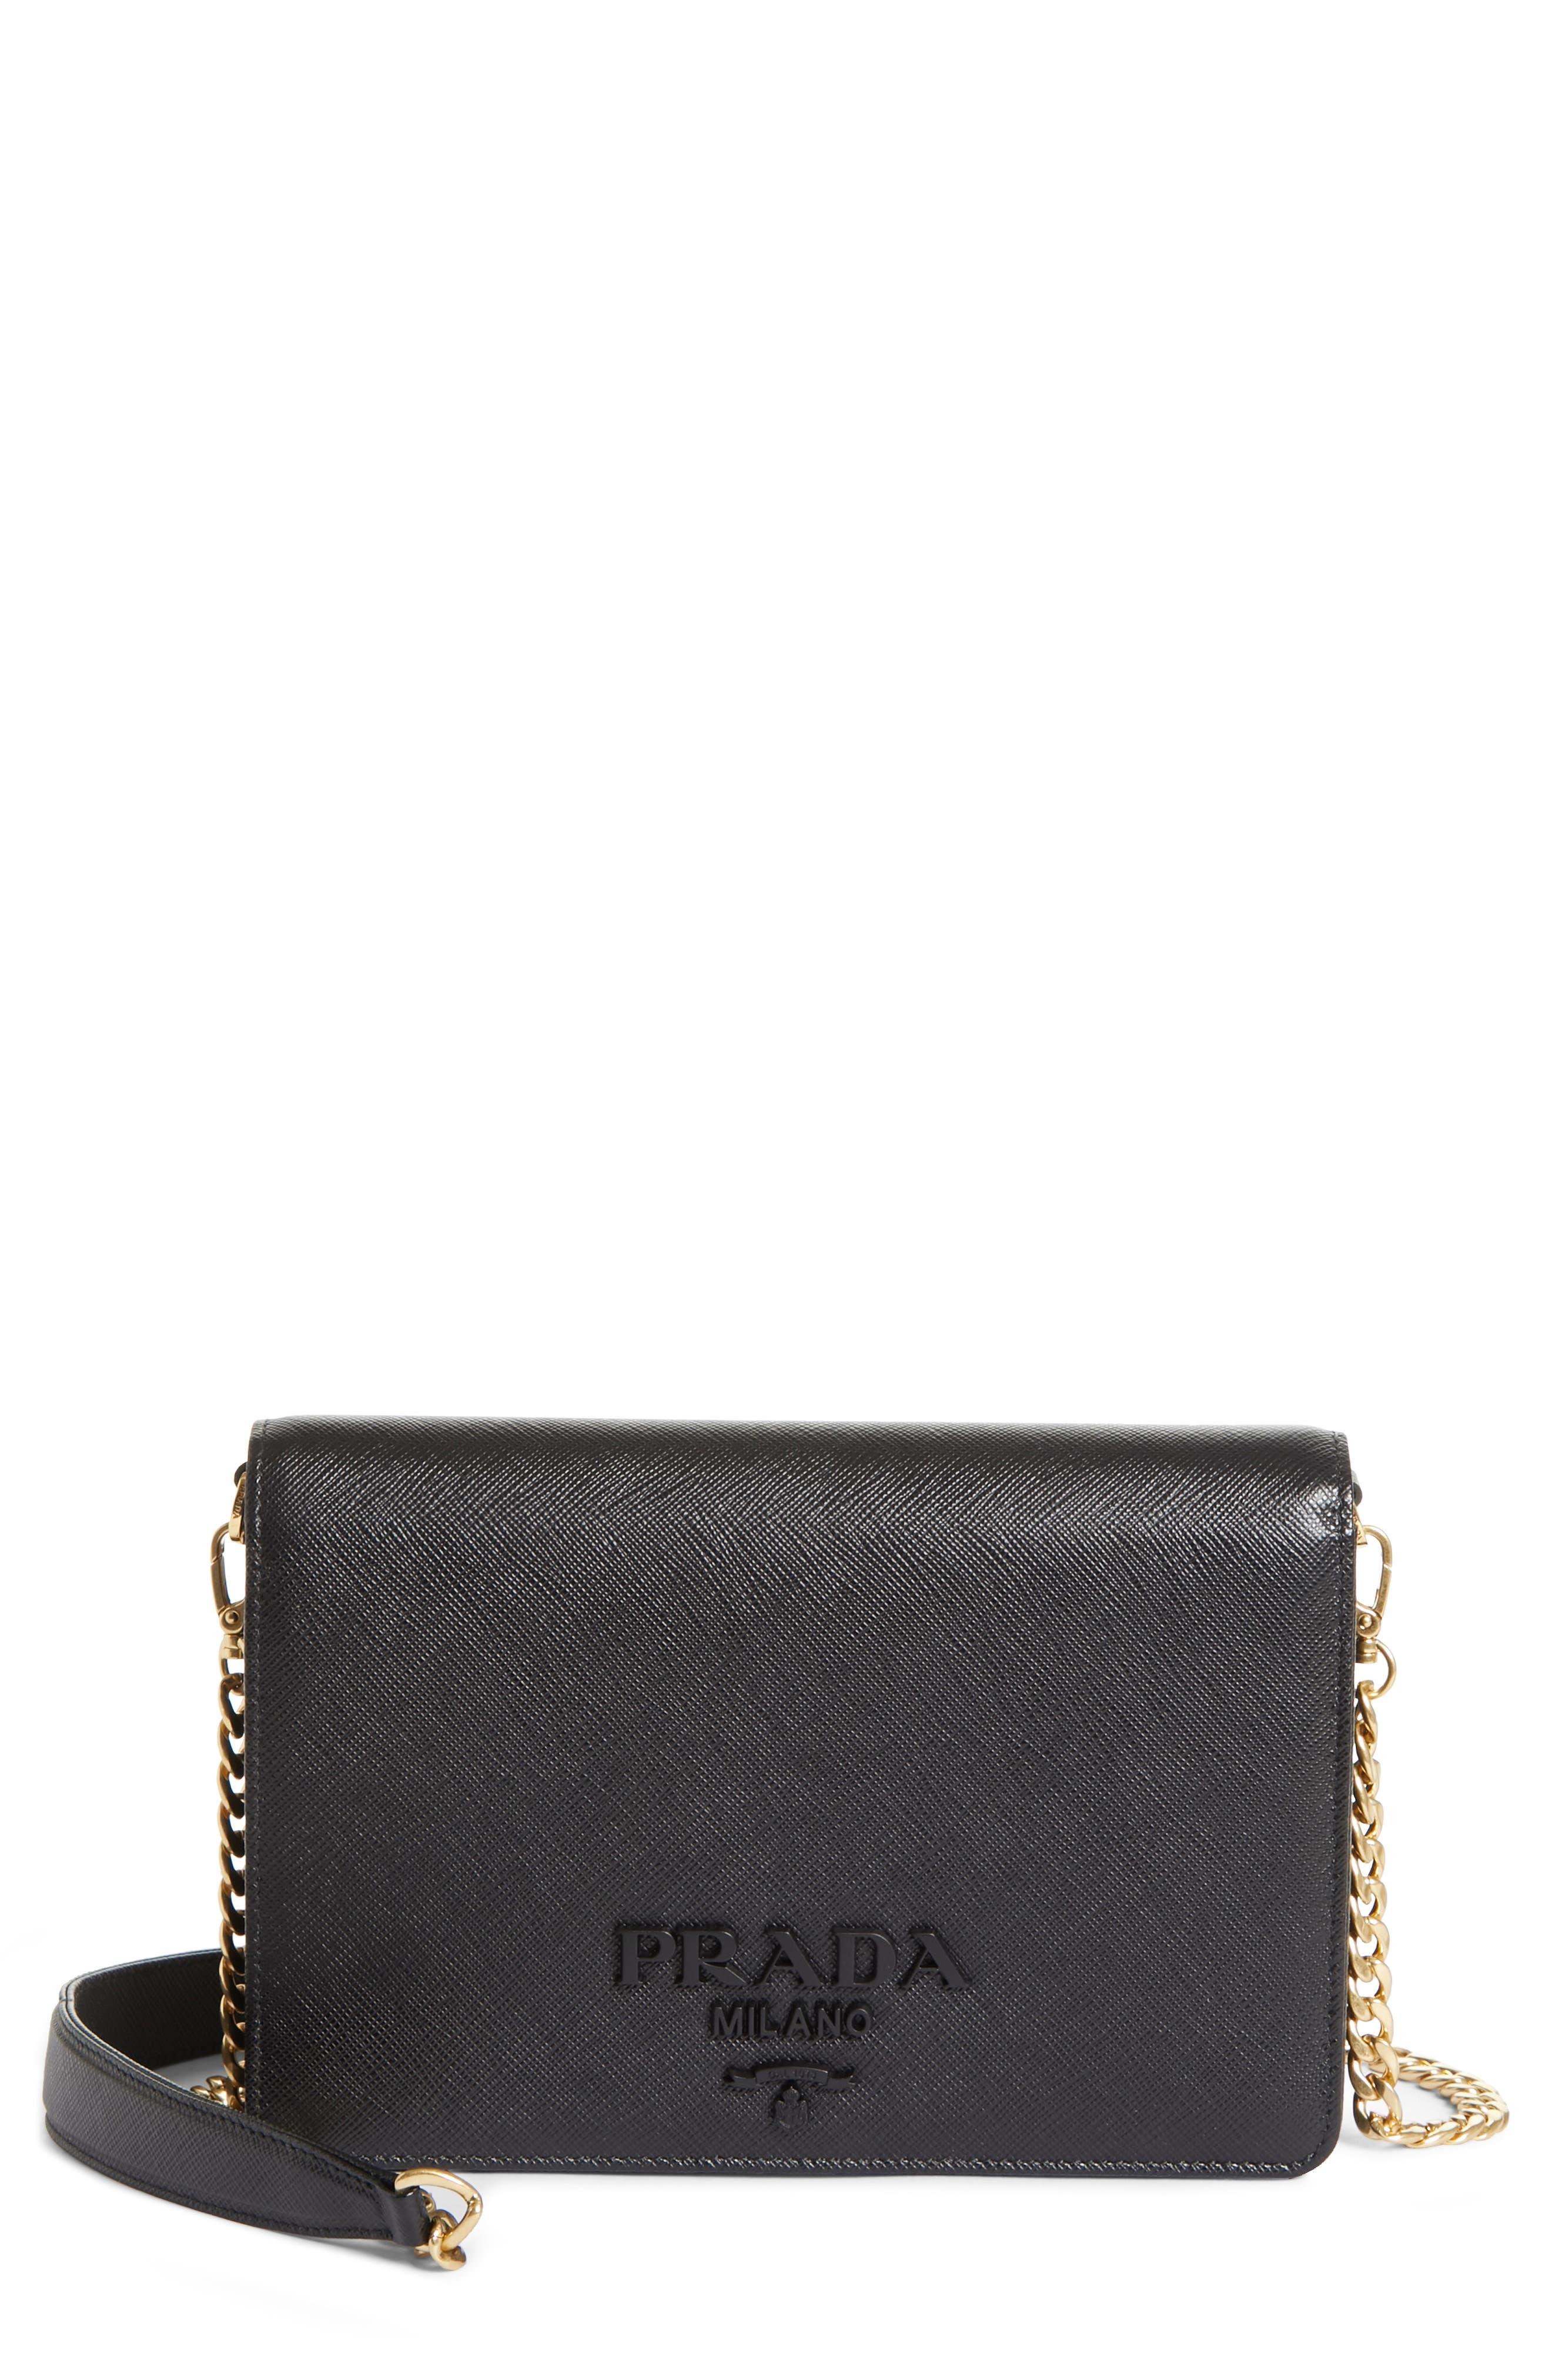 94cb23e27da7 Prada Crossbody Bags | Nordstrom